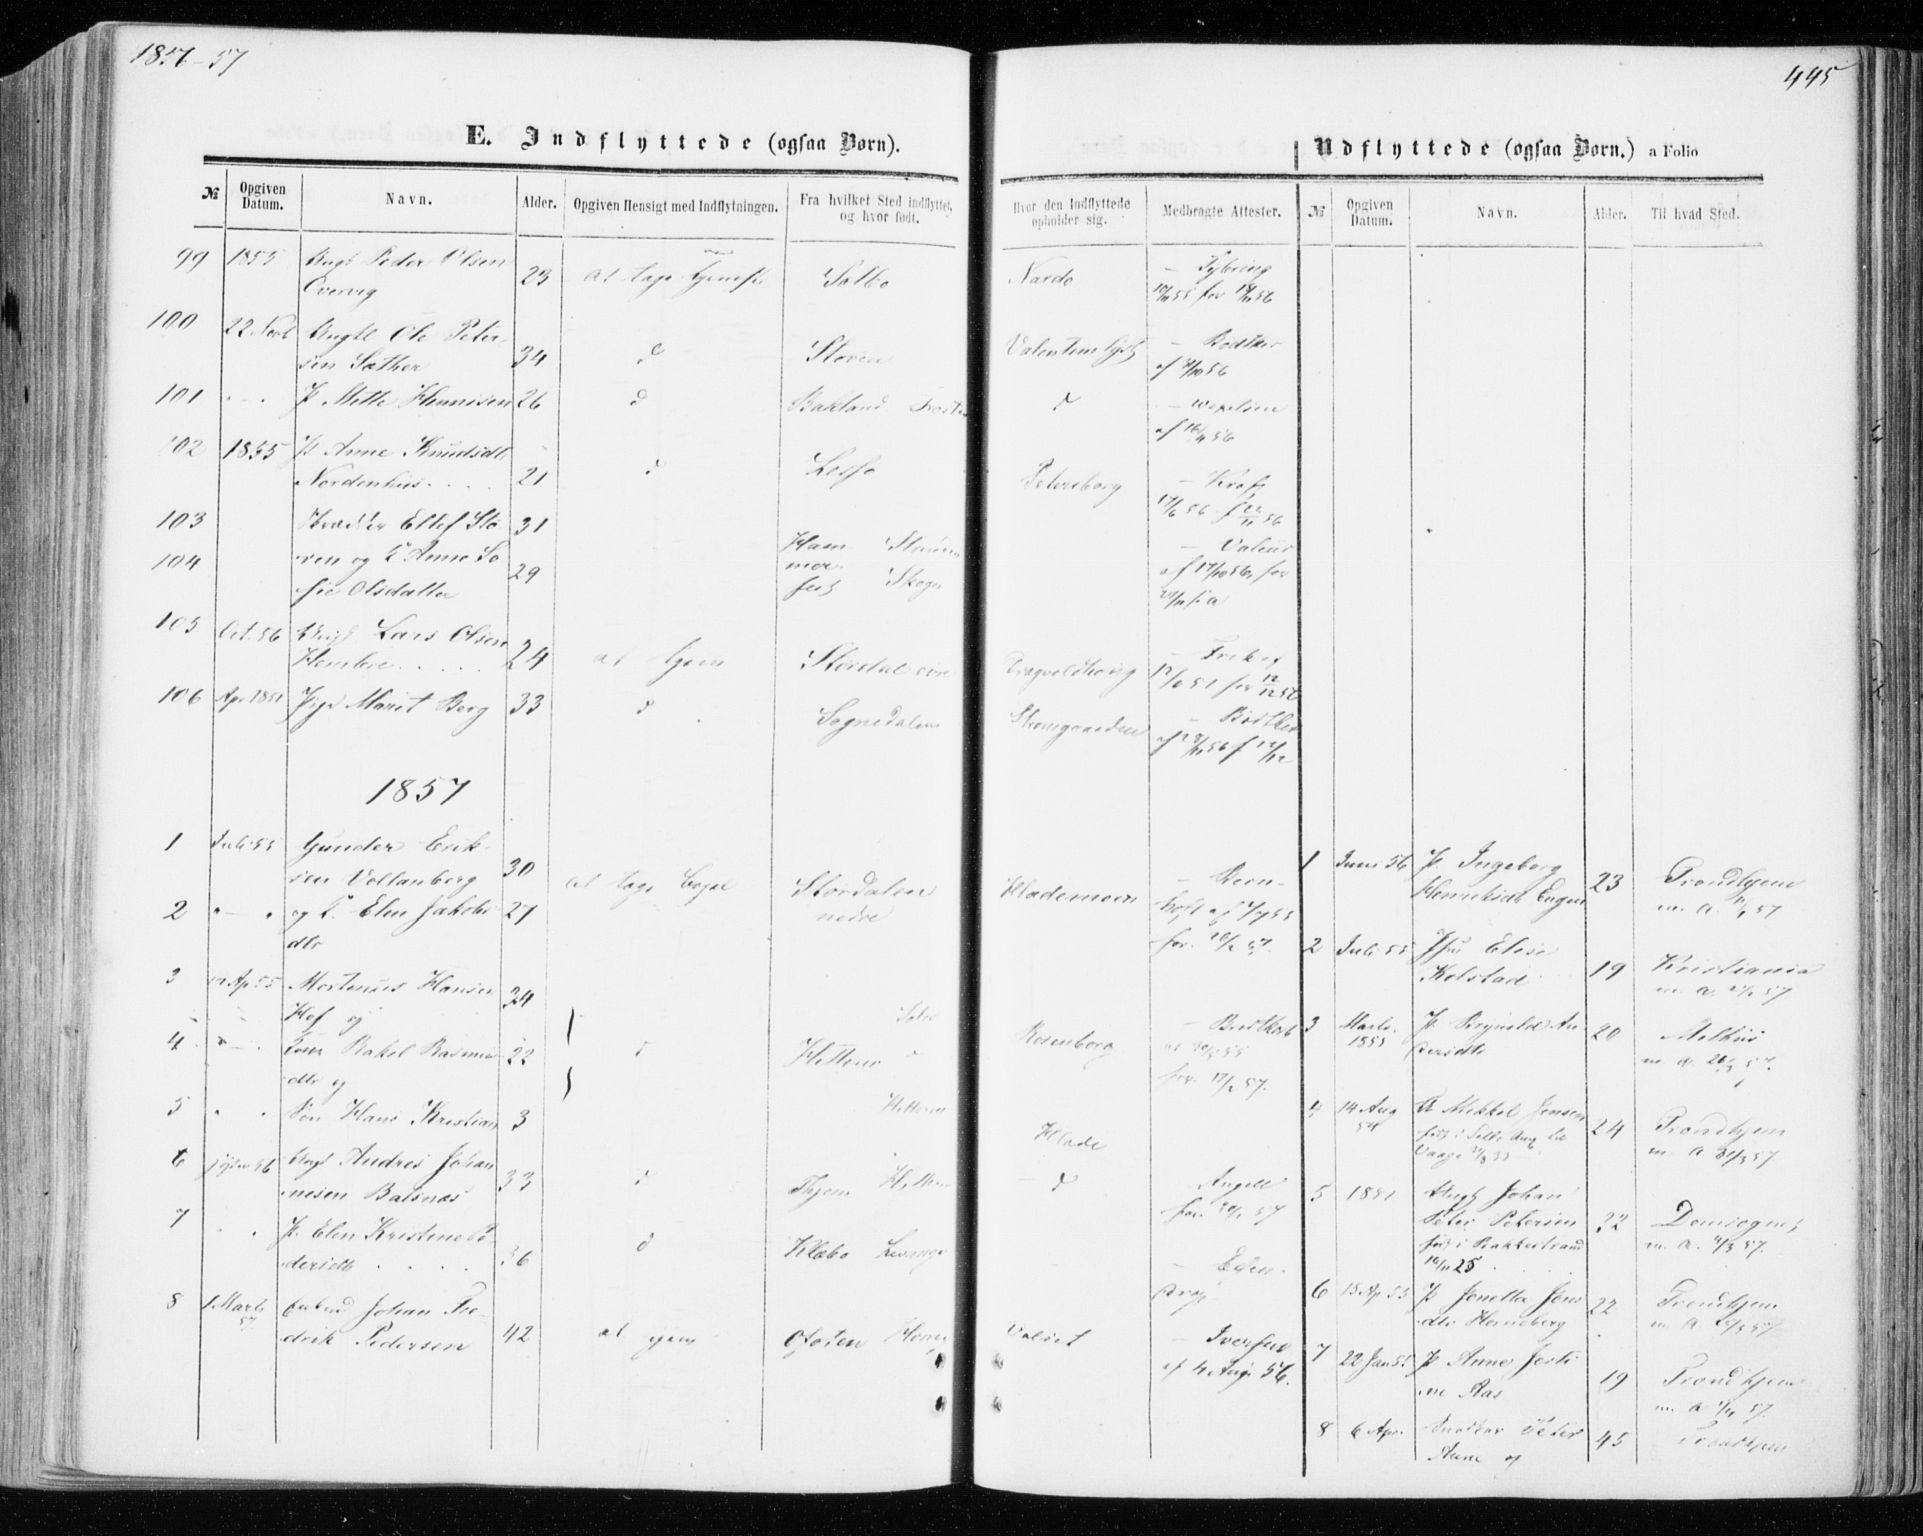 SAT, Ministerialprotokoller, klokkerbøker og fødselsregistre - Sør-Trøndelag, 606/L0292: Ministerialbok nr. 606A07, 1856-1865, s. 445